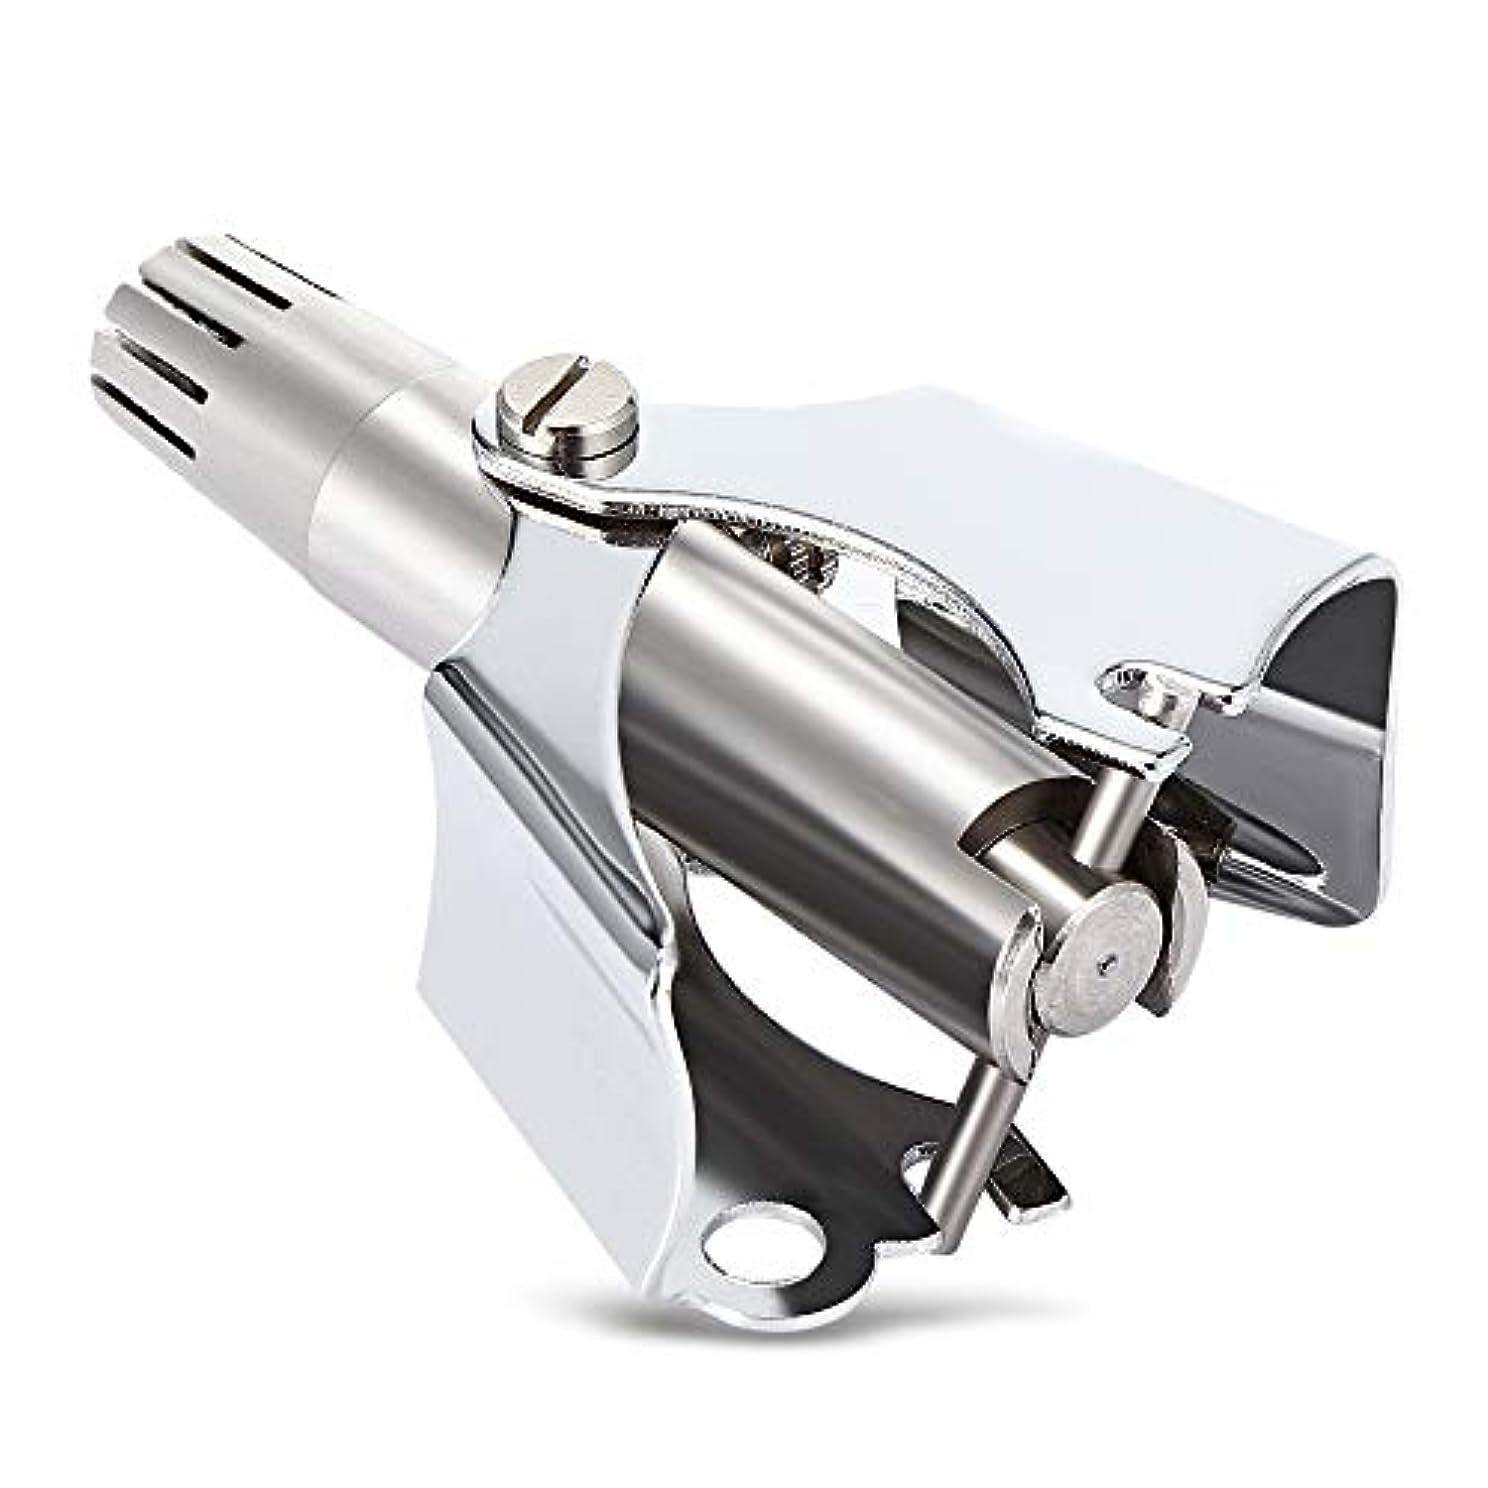 生理クラウン乳白鼻毛カッター JPC 手動 水洗い バッテリー不要 ステンレス メンズ レディーズ 連動式 収納ケース ブラシ付き 鼻毛処理 使用簡単 安心安全